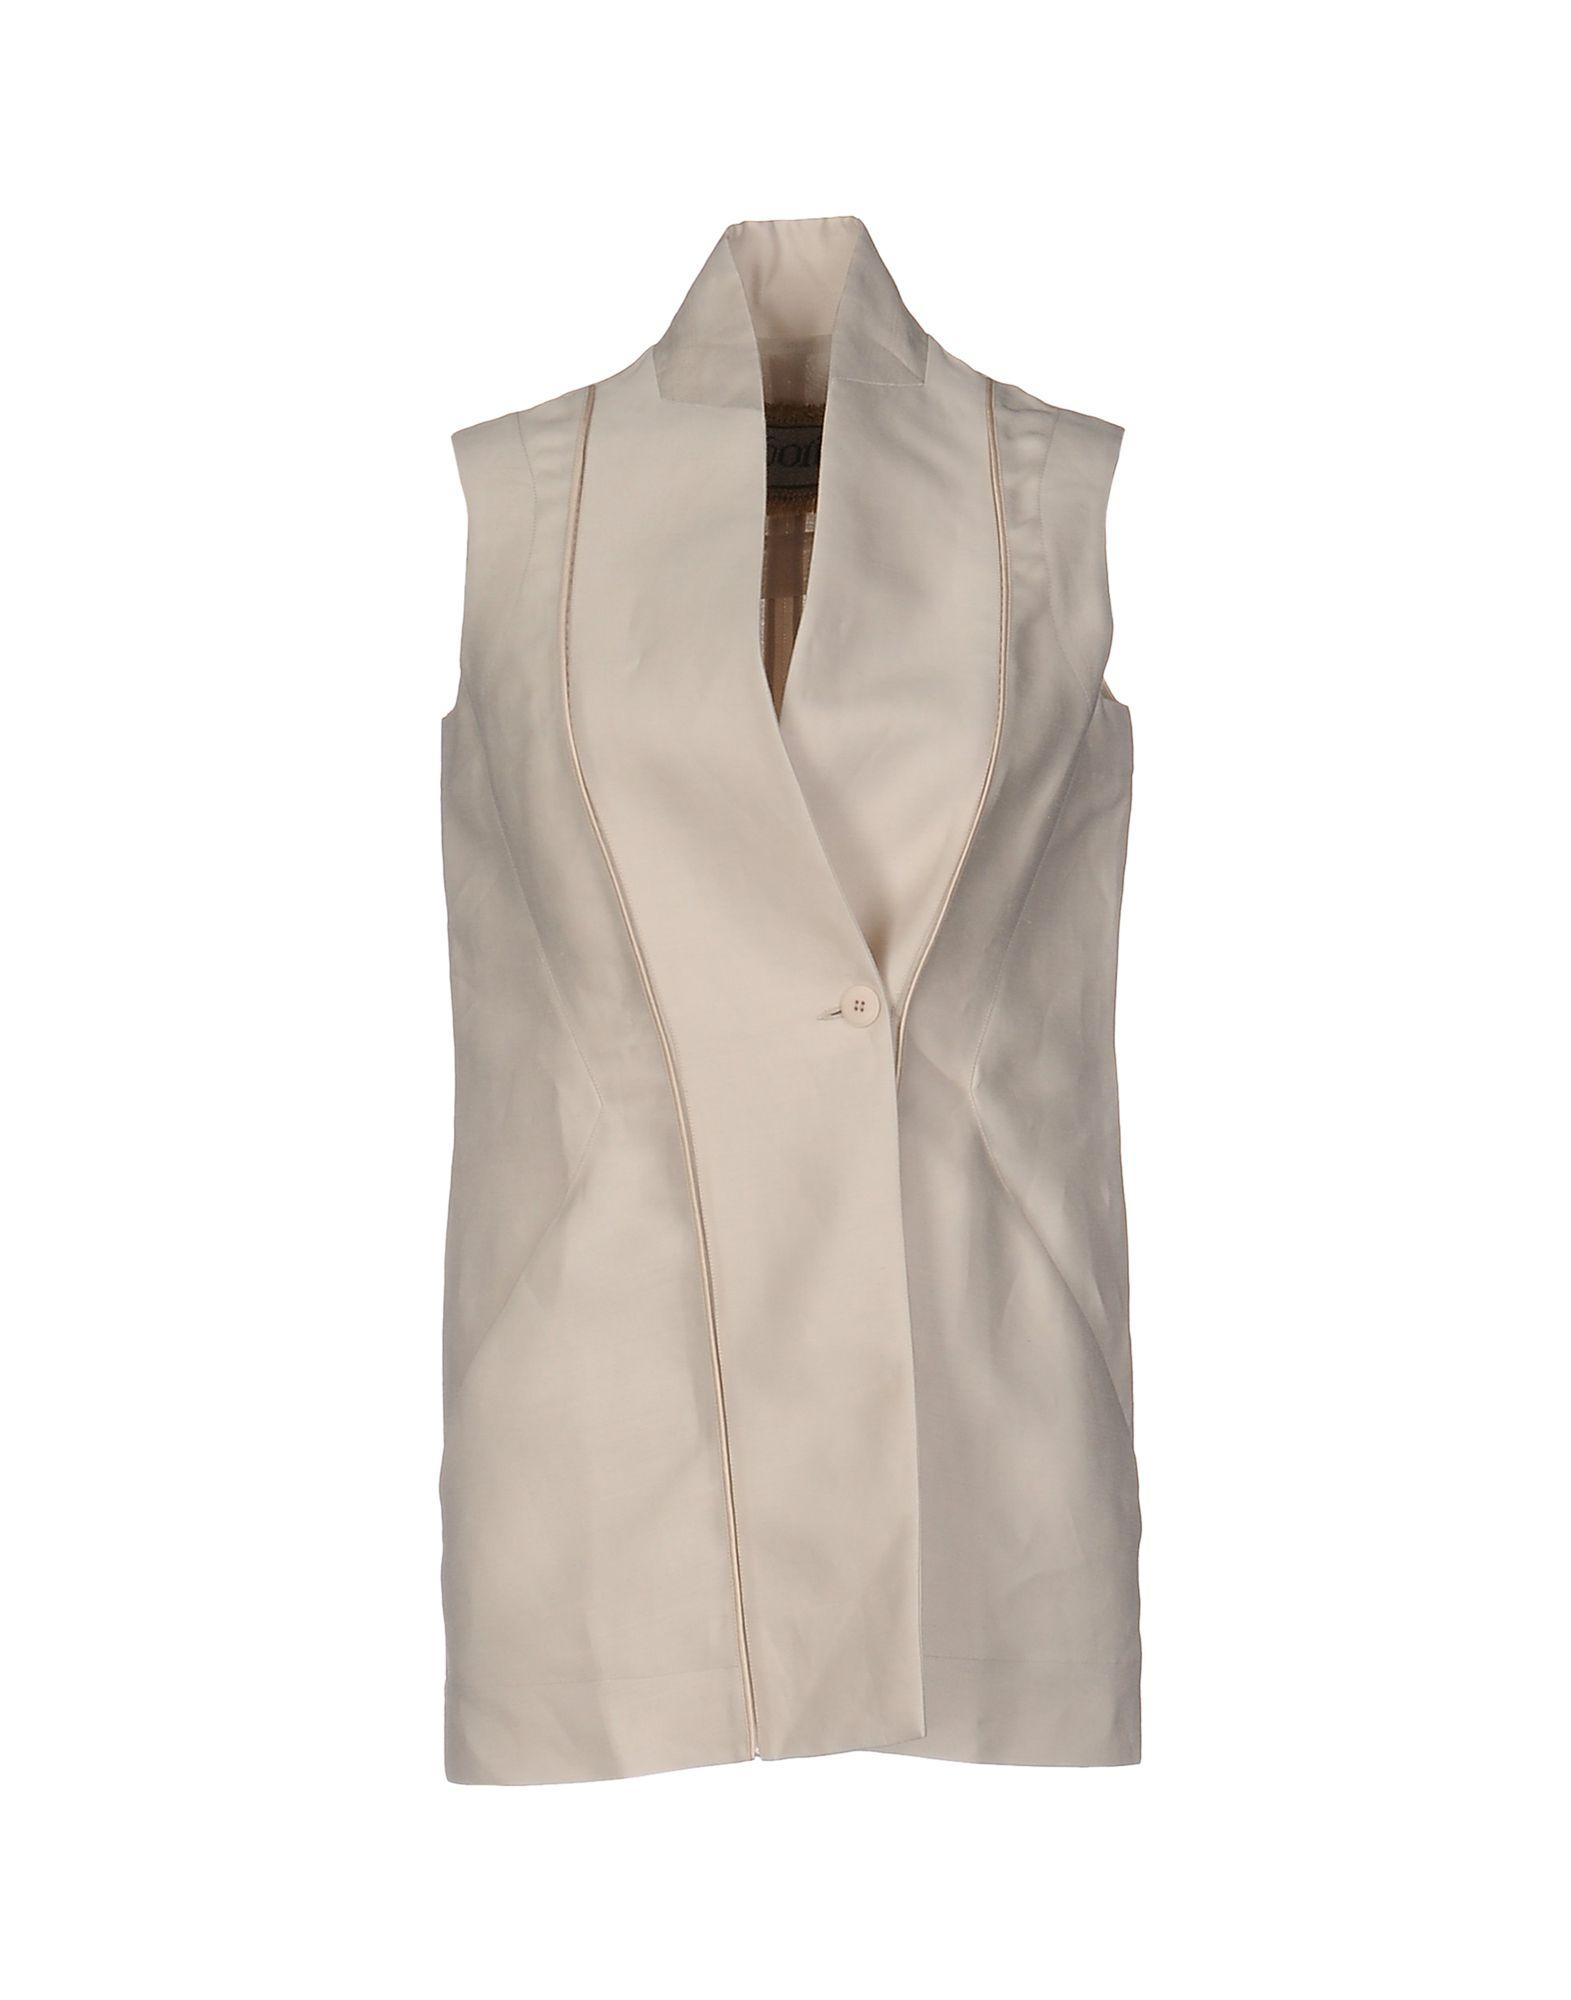 GENTRYPORTOFINO Damen Jackett Farbe Beige Größe 3 jetztbilligerkaufen